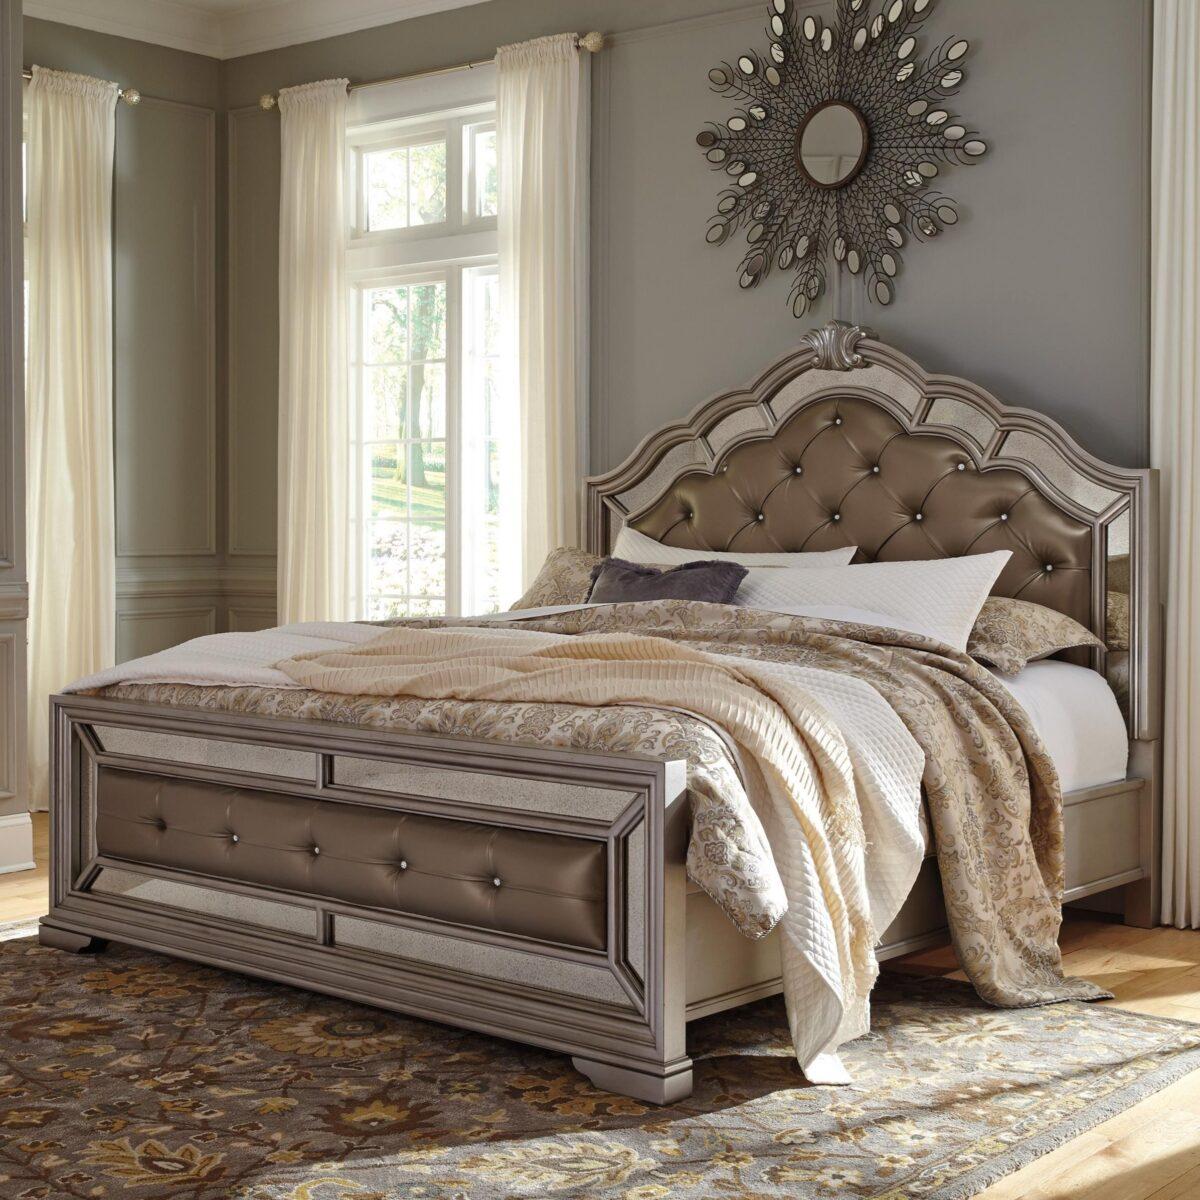 camera-da-letto-argento-13-